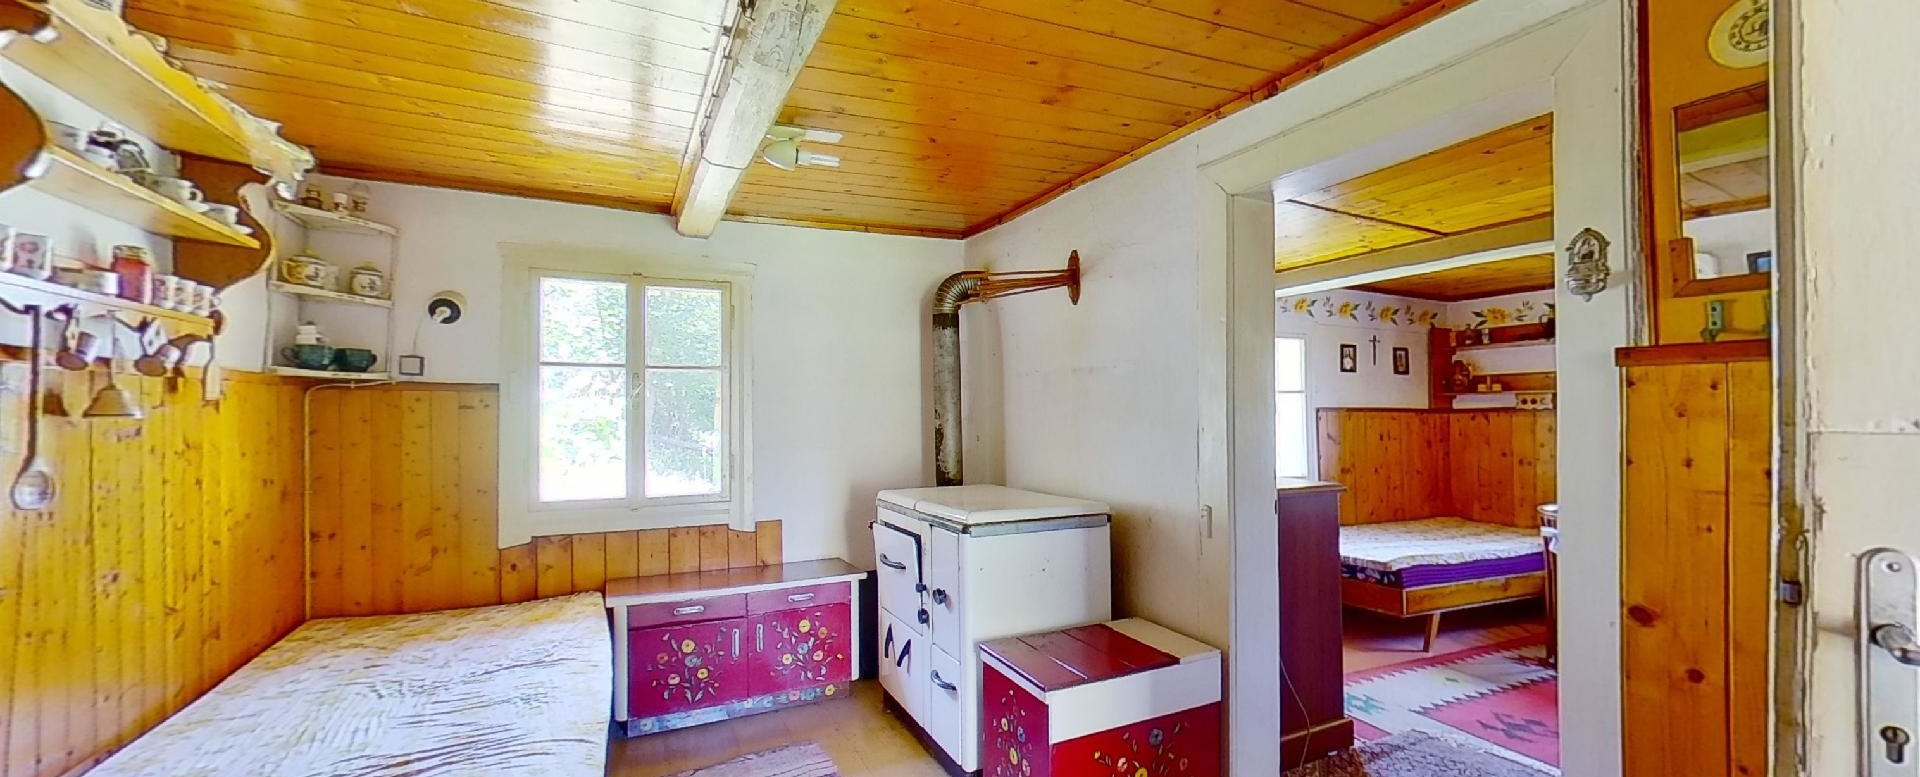 Kachľová pec v kuchyni